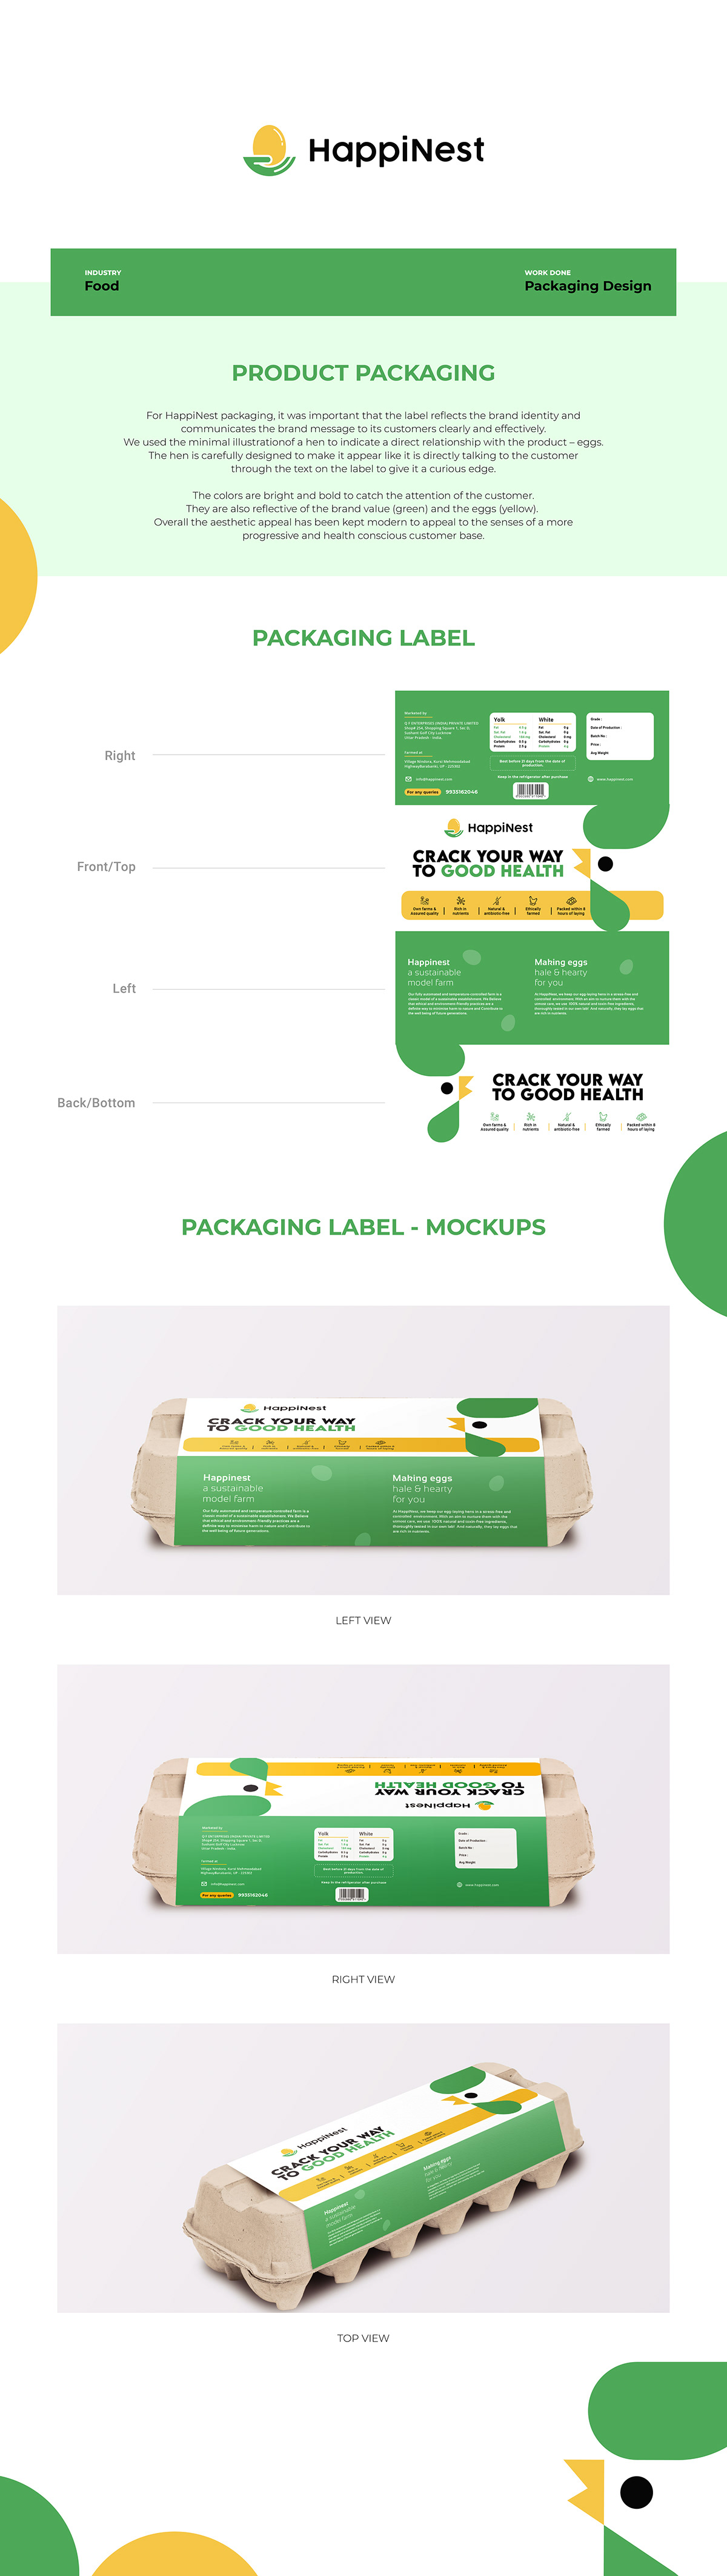 branding  label design label packaging label product Packaging packaging design packaging identity packaging mockup